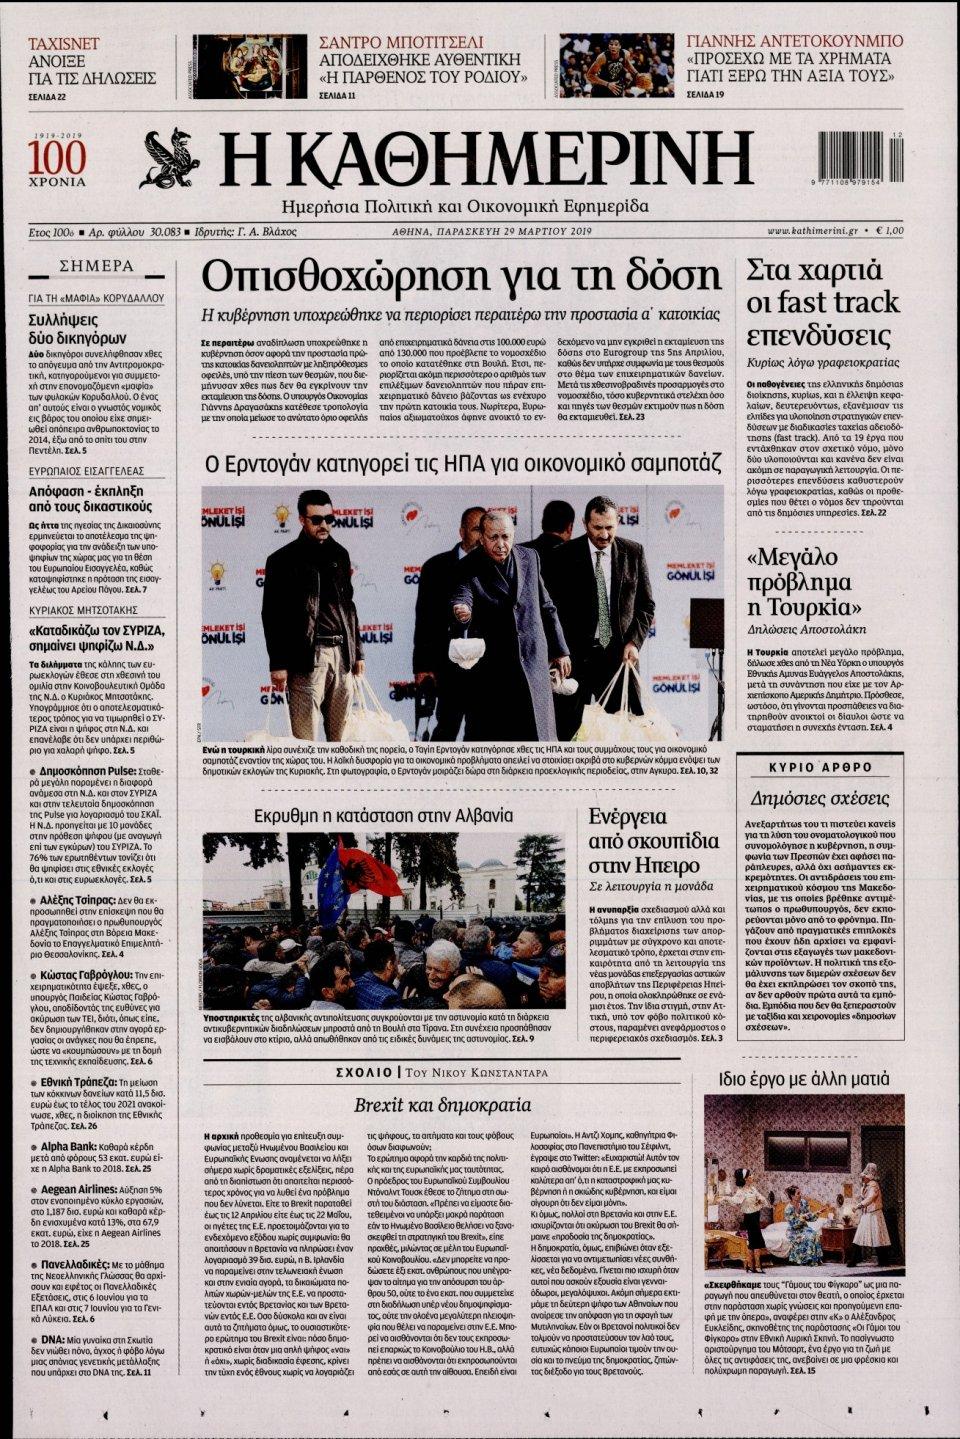 Πρωτοσέλιδο Εφημερίδας - Καθημερινή - 2019-03-29